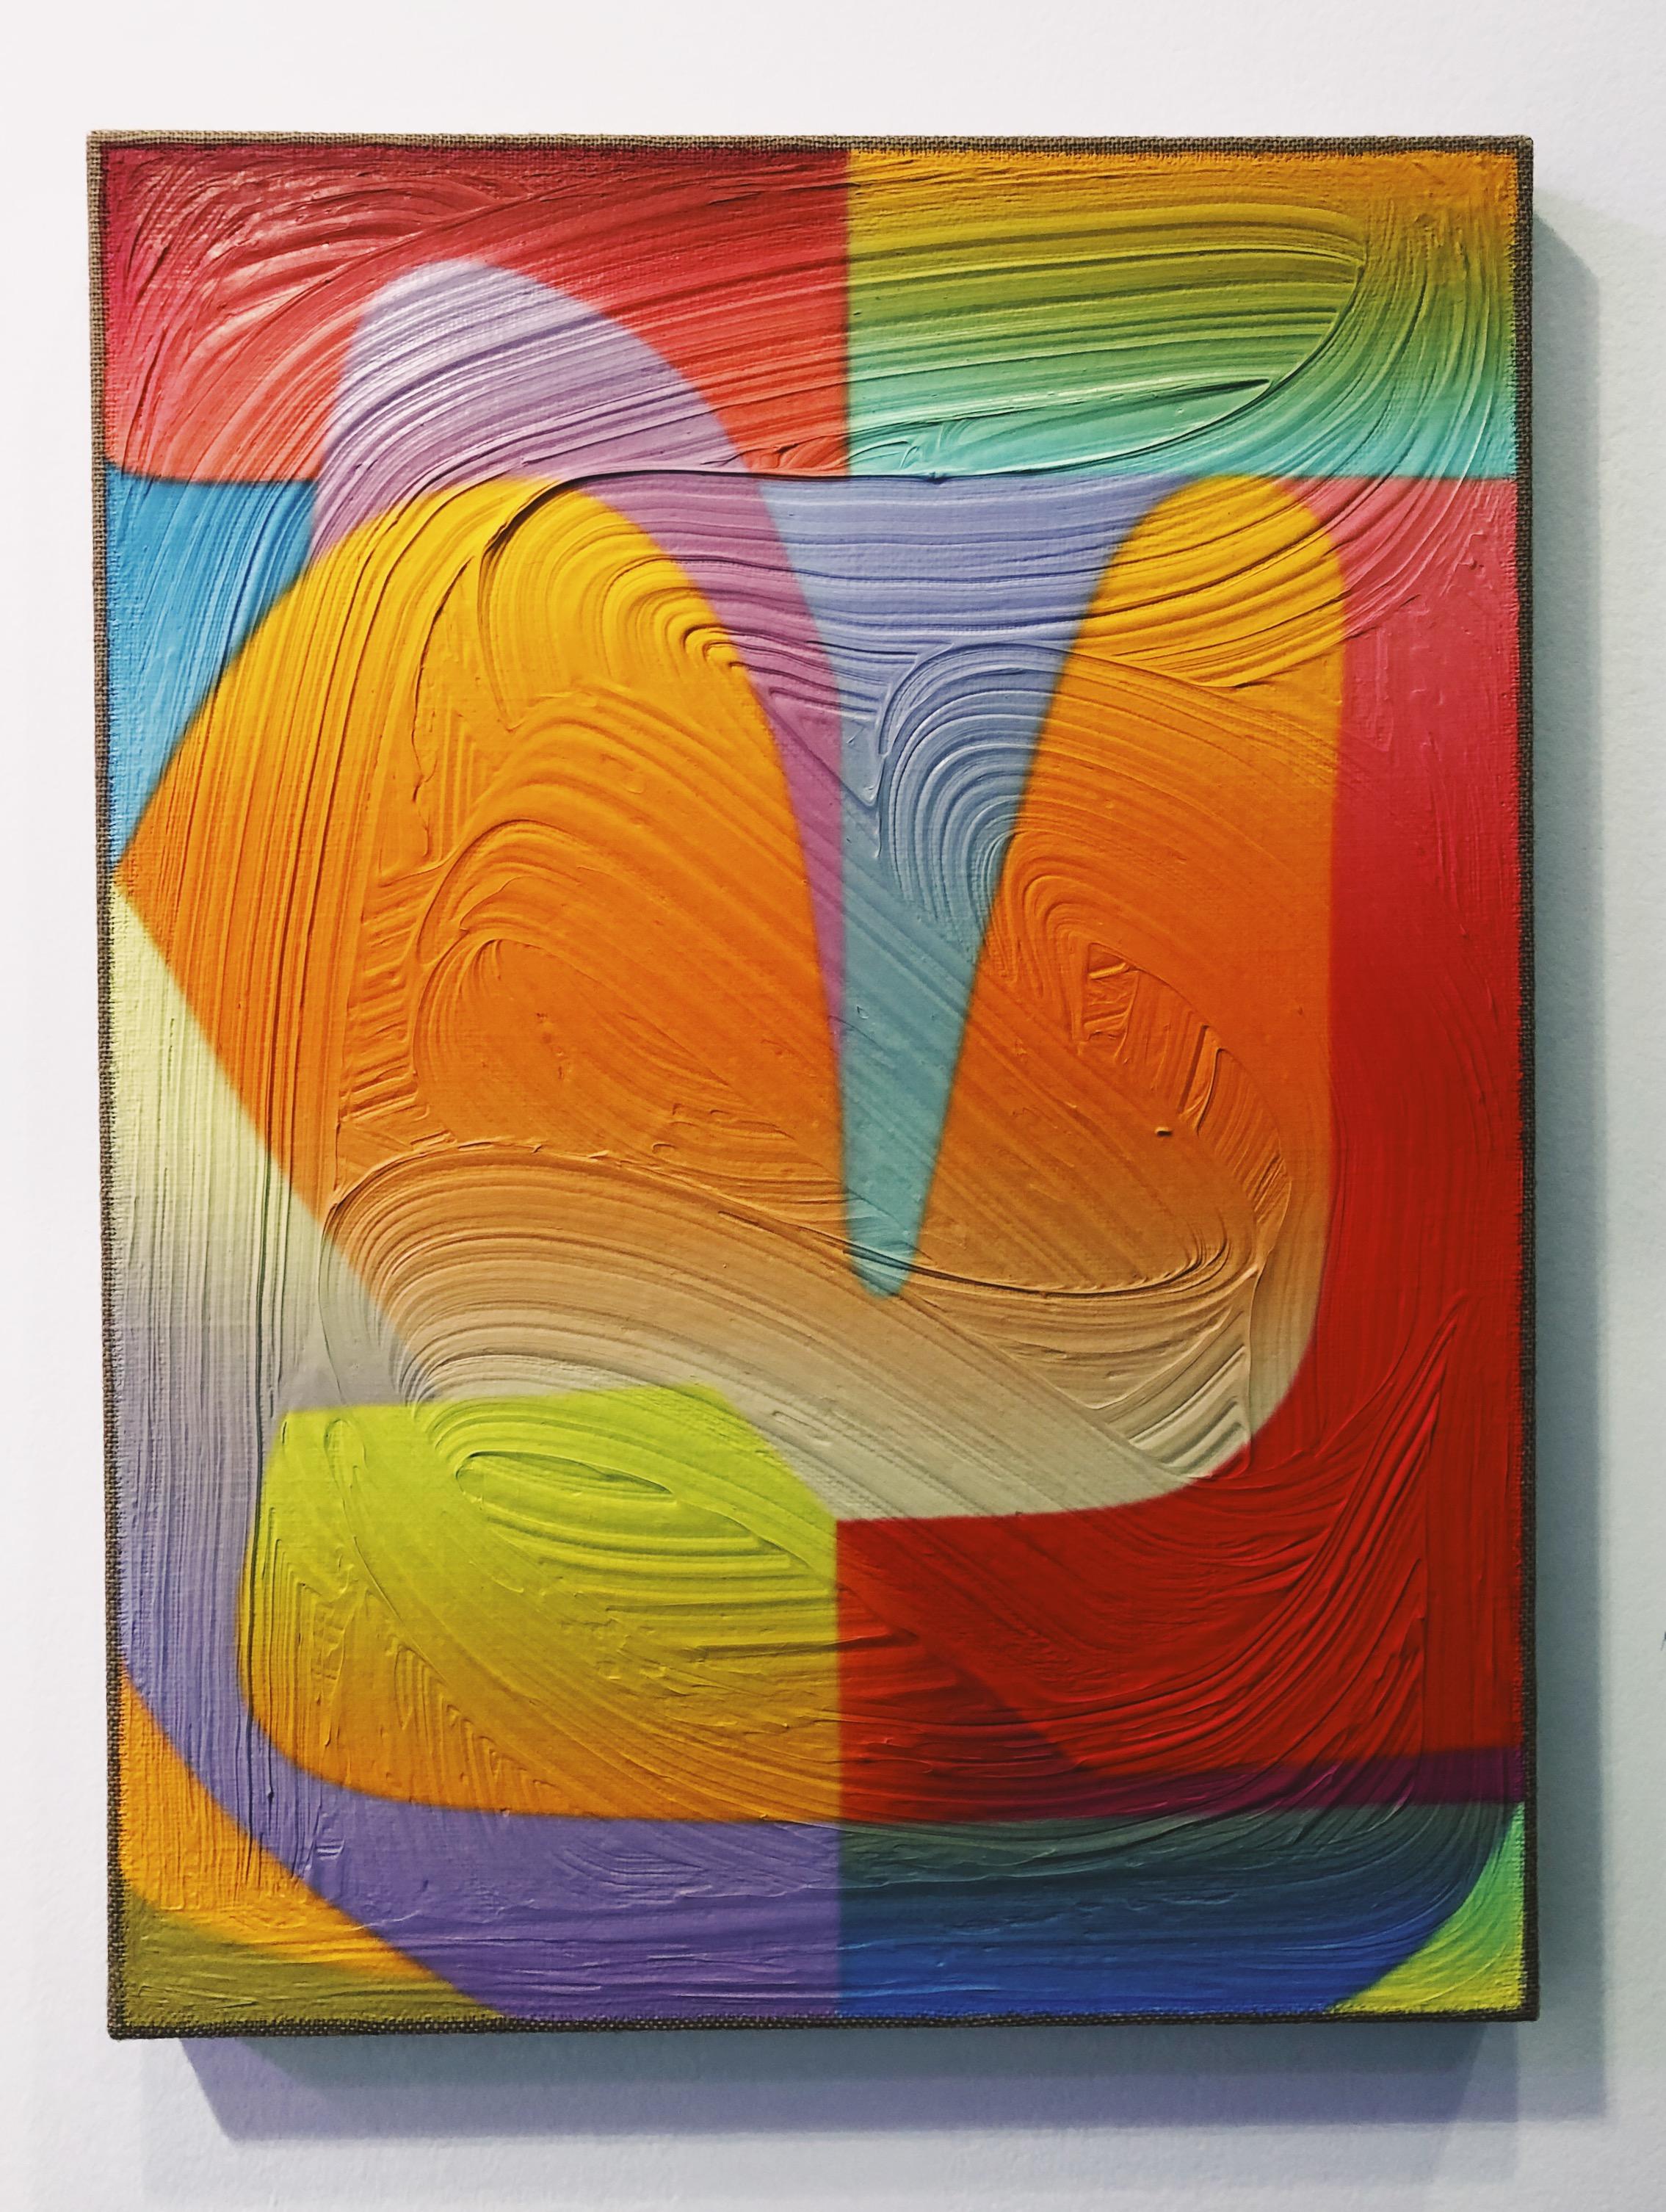 Mariah Dekkenga at  Situations  from Art LA Contemporary